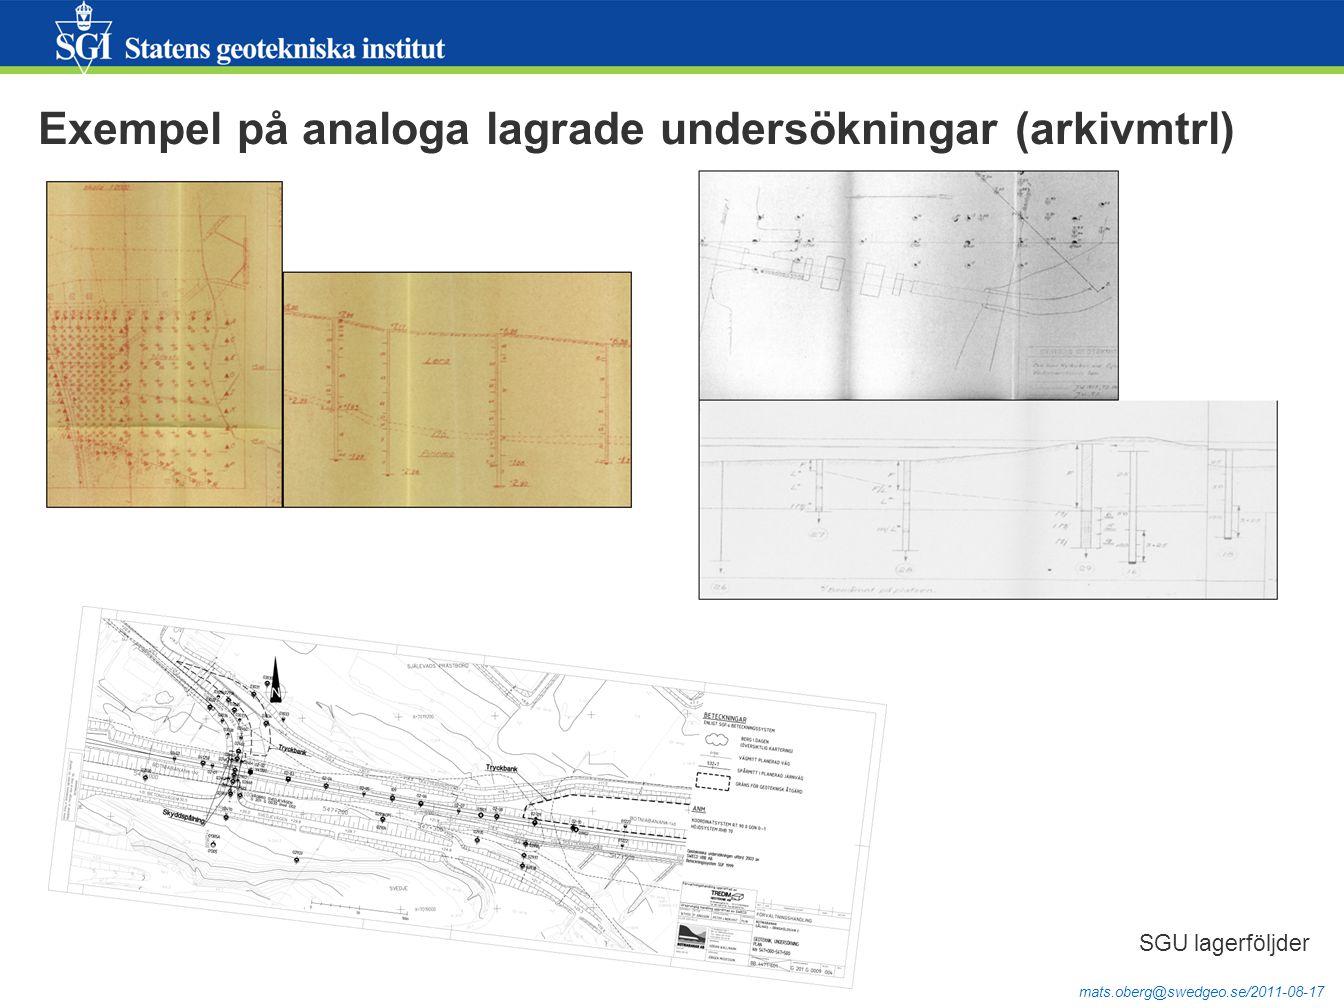 mats.oberg@swedgeo.se/2011-08-17 Slutsatser, forts  Dataflödet från Geosuite till WMS-tjänst utanför Trafikverket är identifierat men åberopar flera frågetecken.